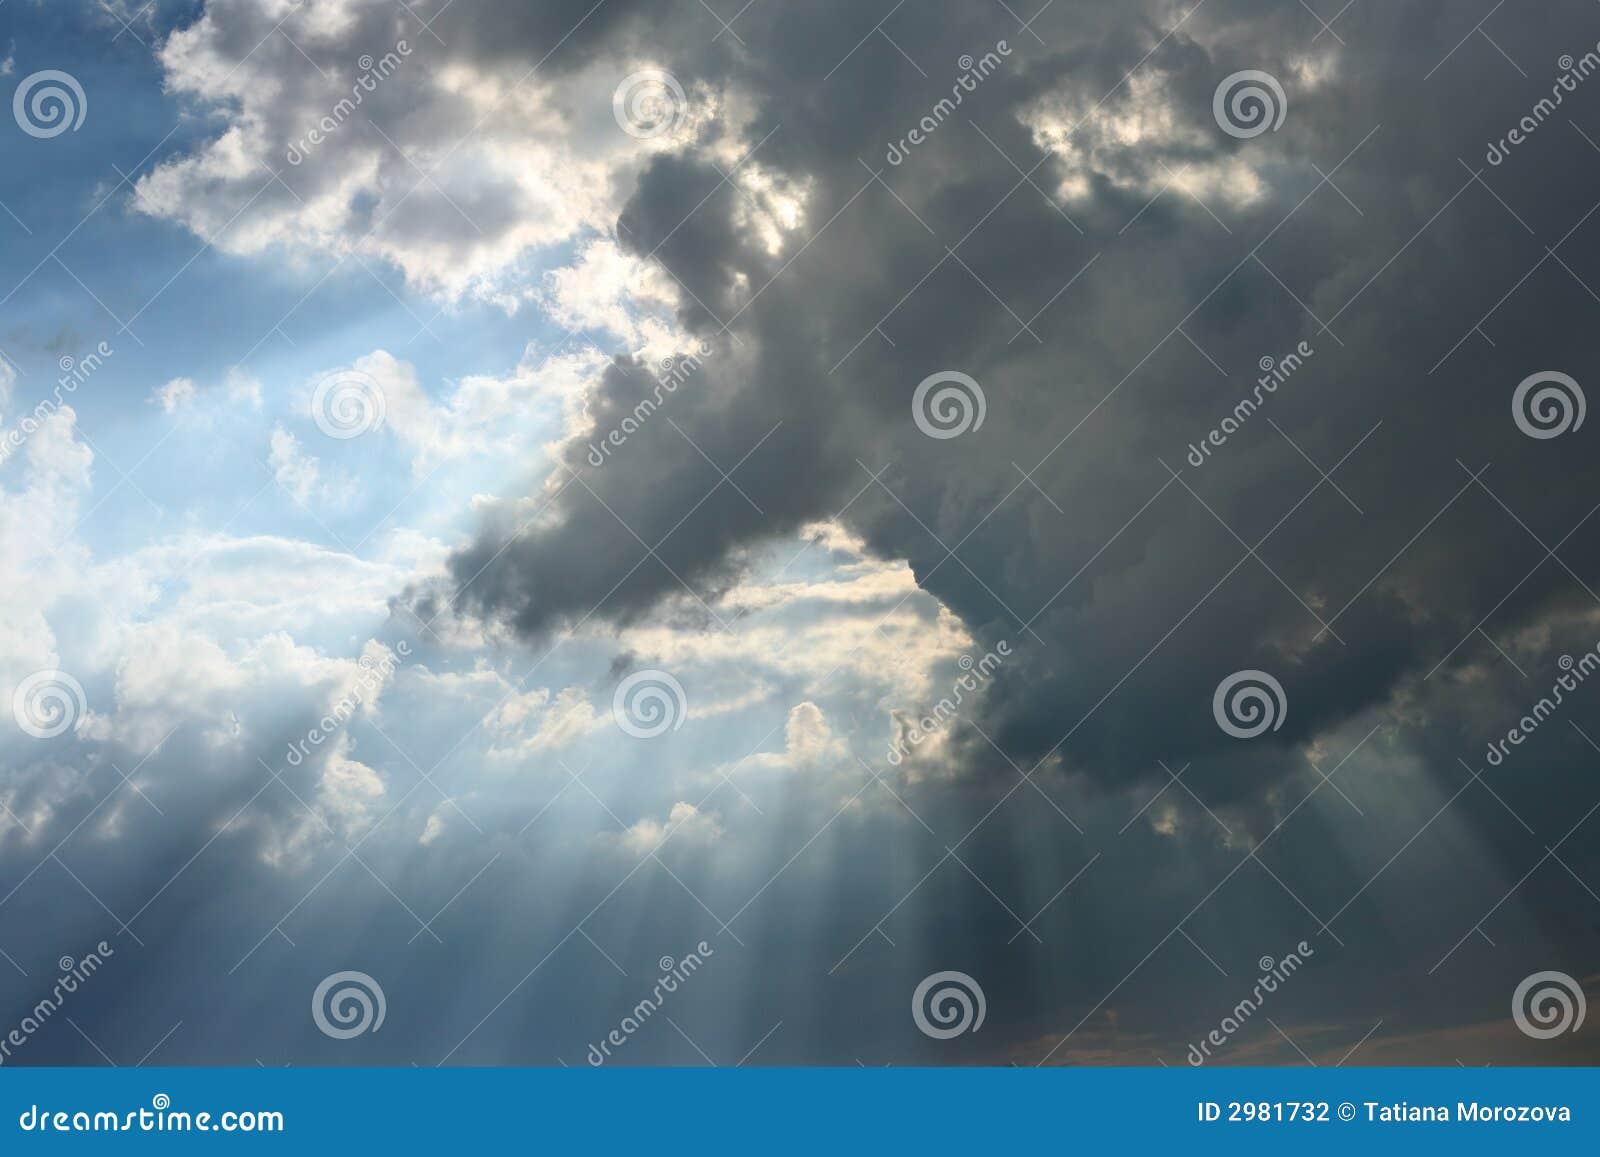 Nuvem com feixes